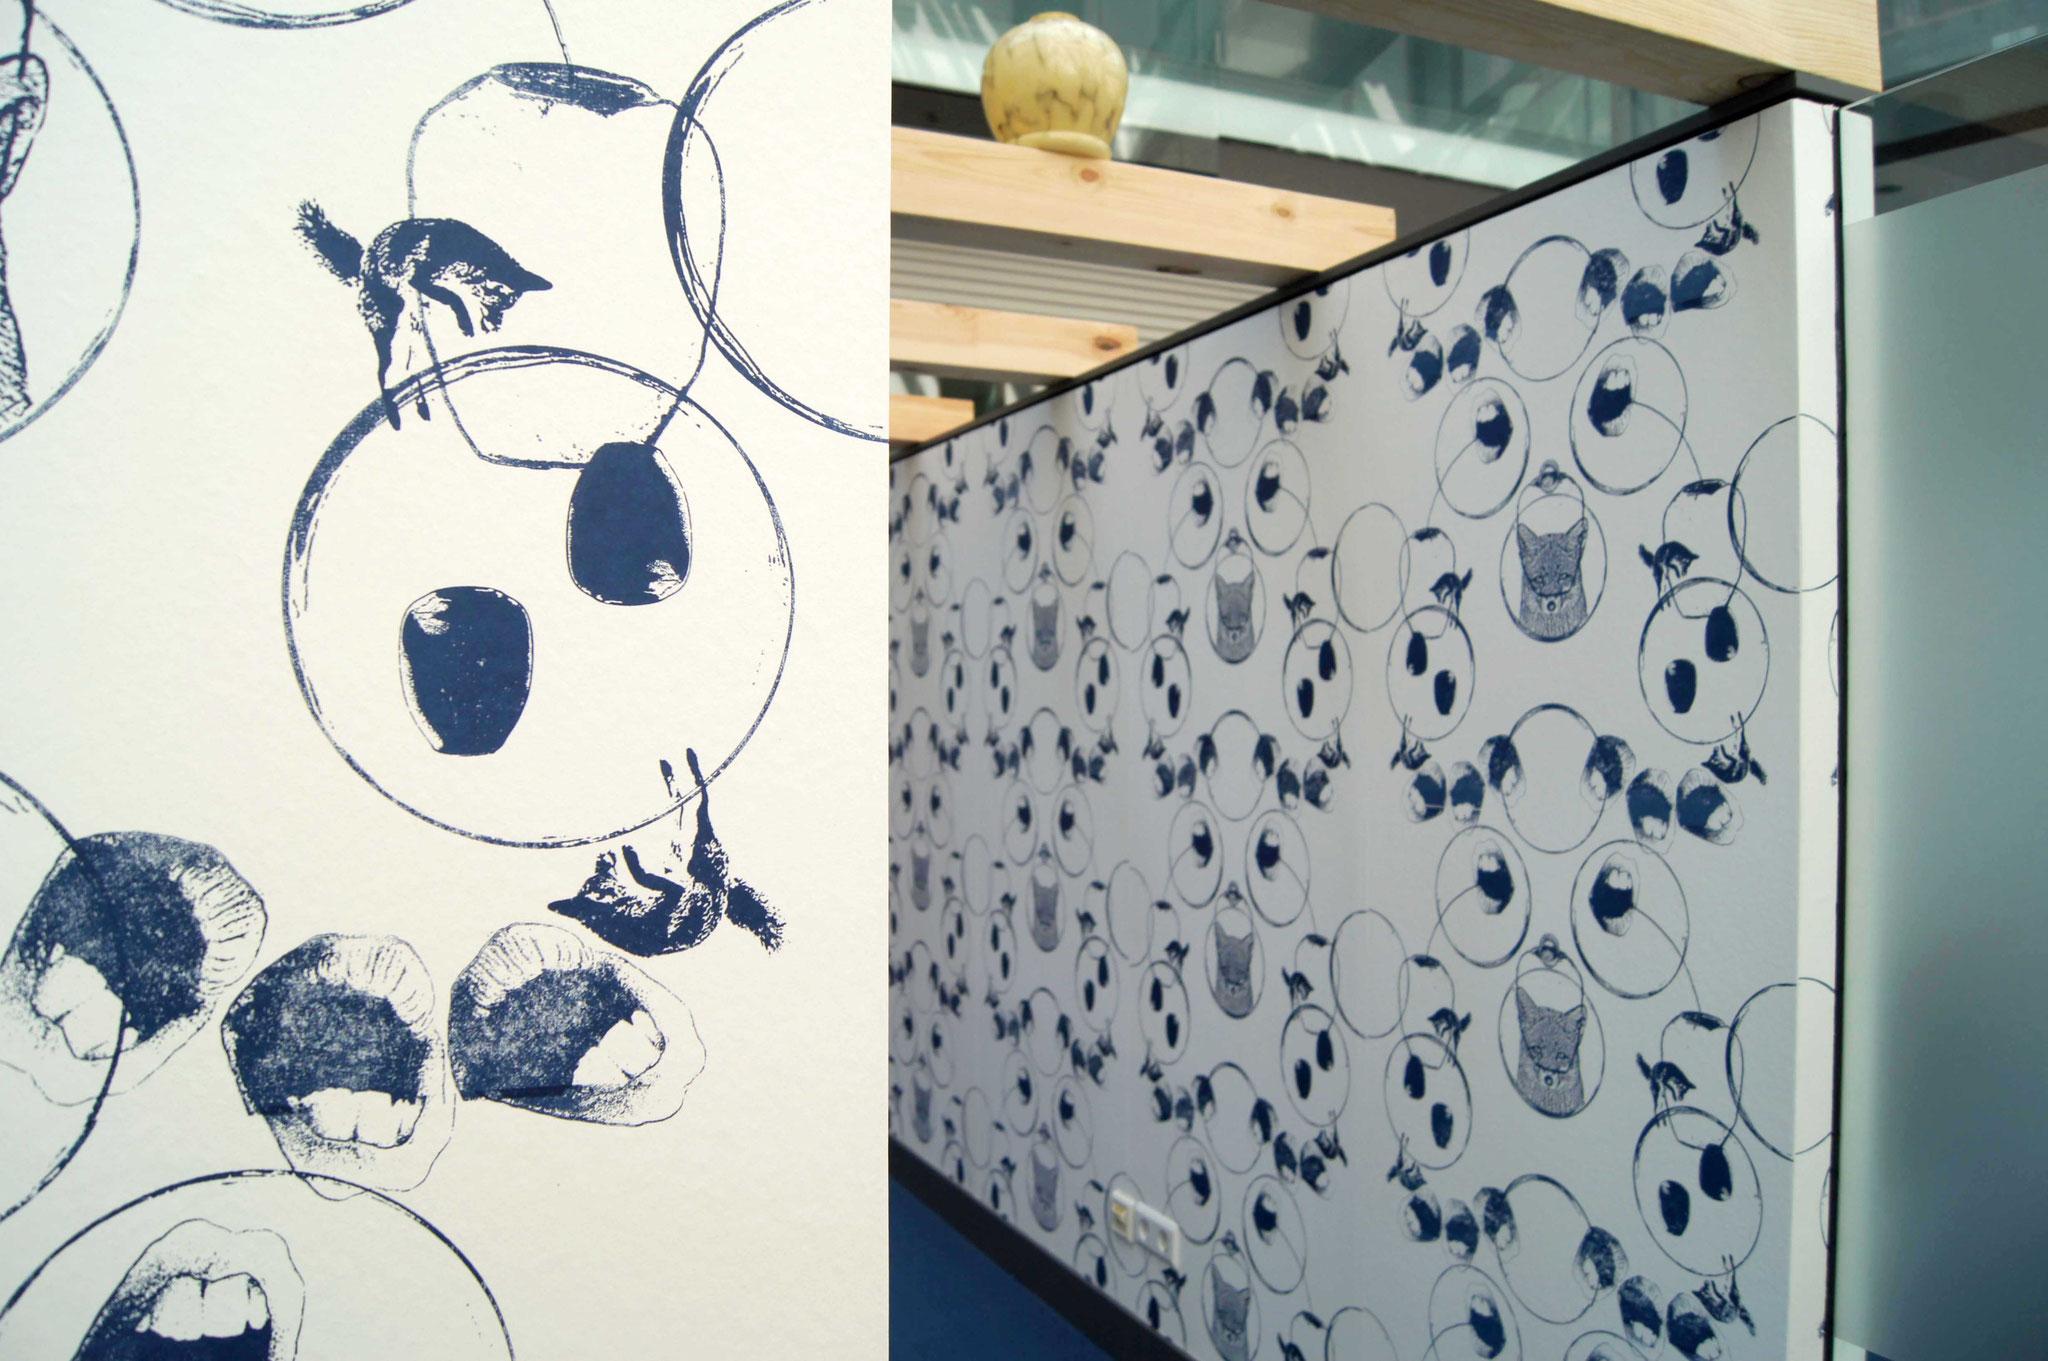 Gefäße  mehrteilige Installation  platziert in einer Bürobox und zwei Glascuben  Ausstellungsansicht: Künstlerräume & Wunderkammer  Nassauische Sparkasse Wiesbaden